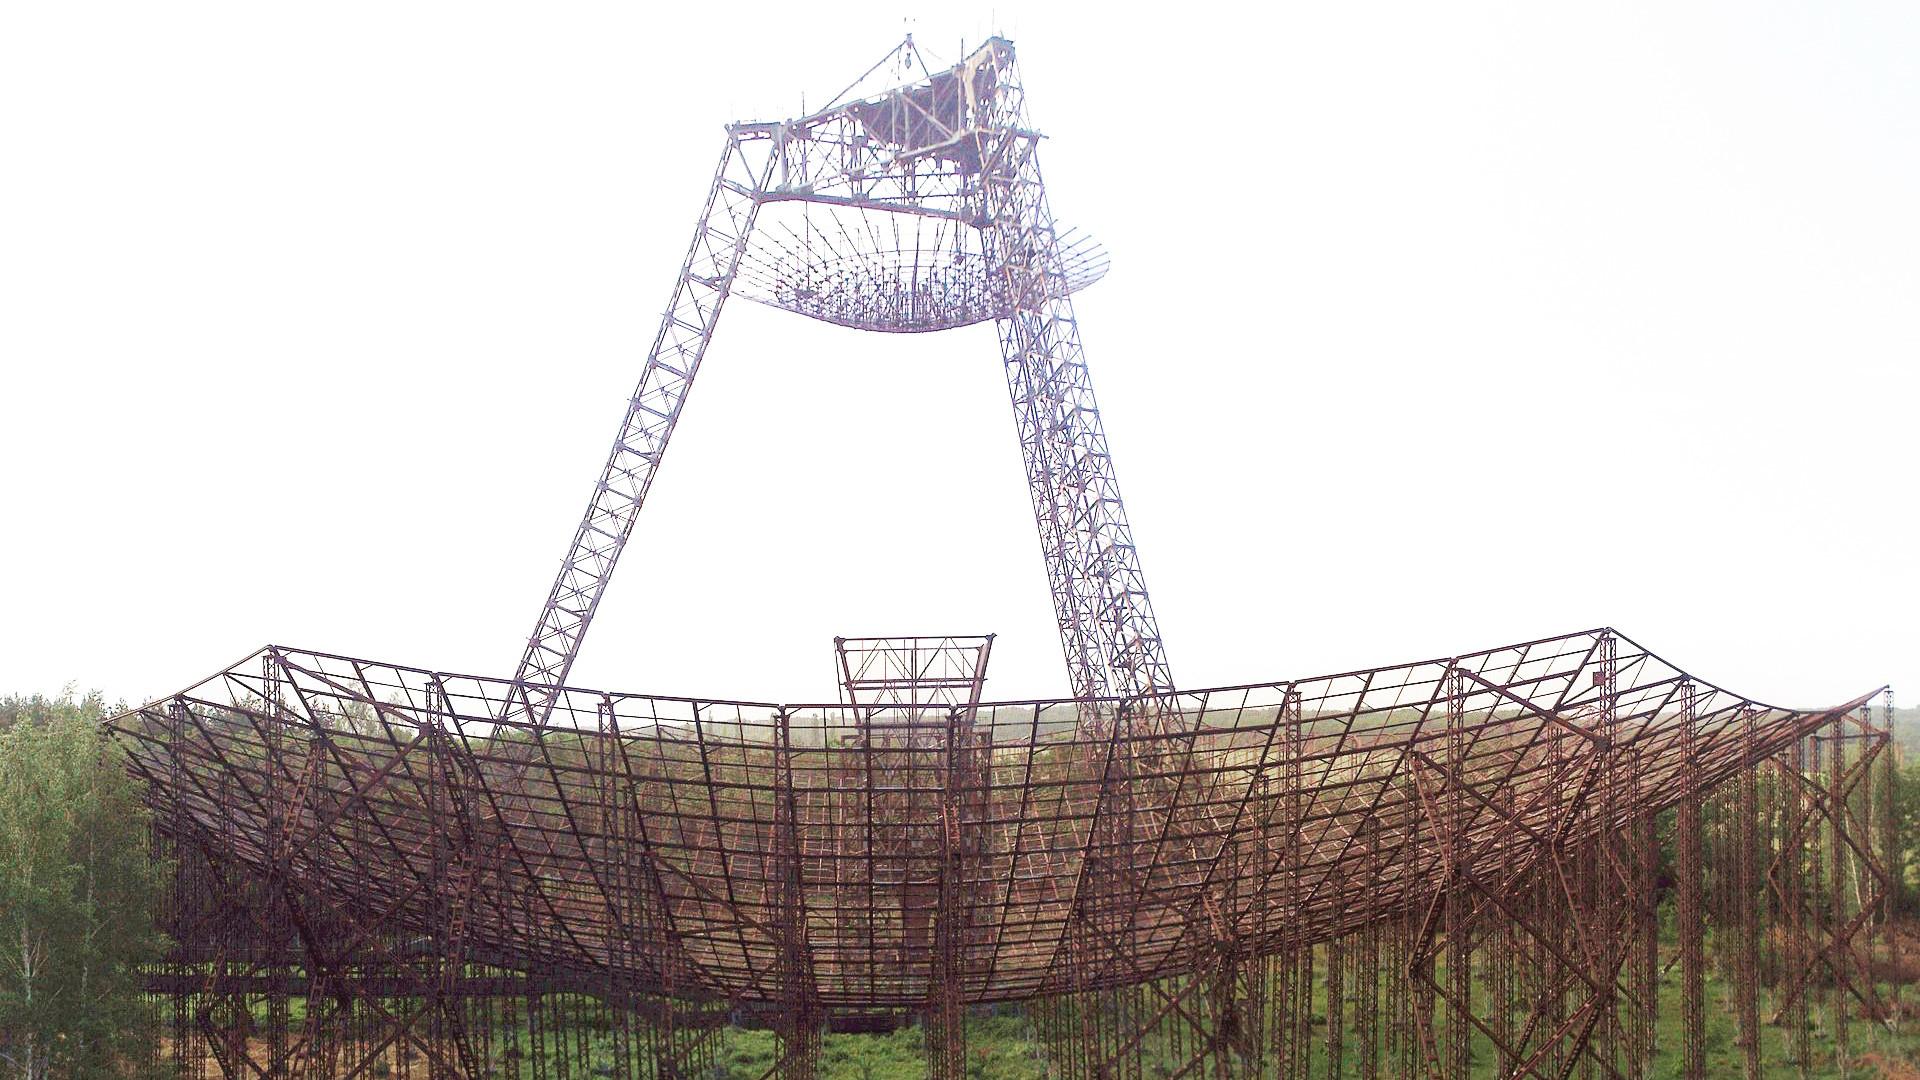 大気圏の上層部、電離層を研究する初期の施設の一つは、1950年代に現ウクライナのハリコフ(ハルキウ)市郊外のズミヨフ(ズミイフ)市に建設された。